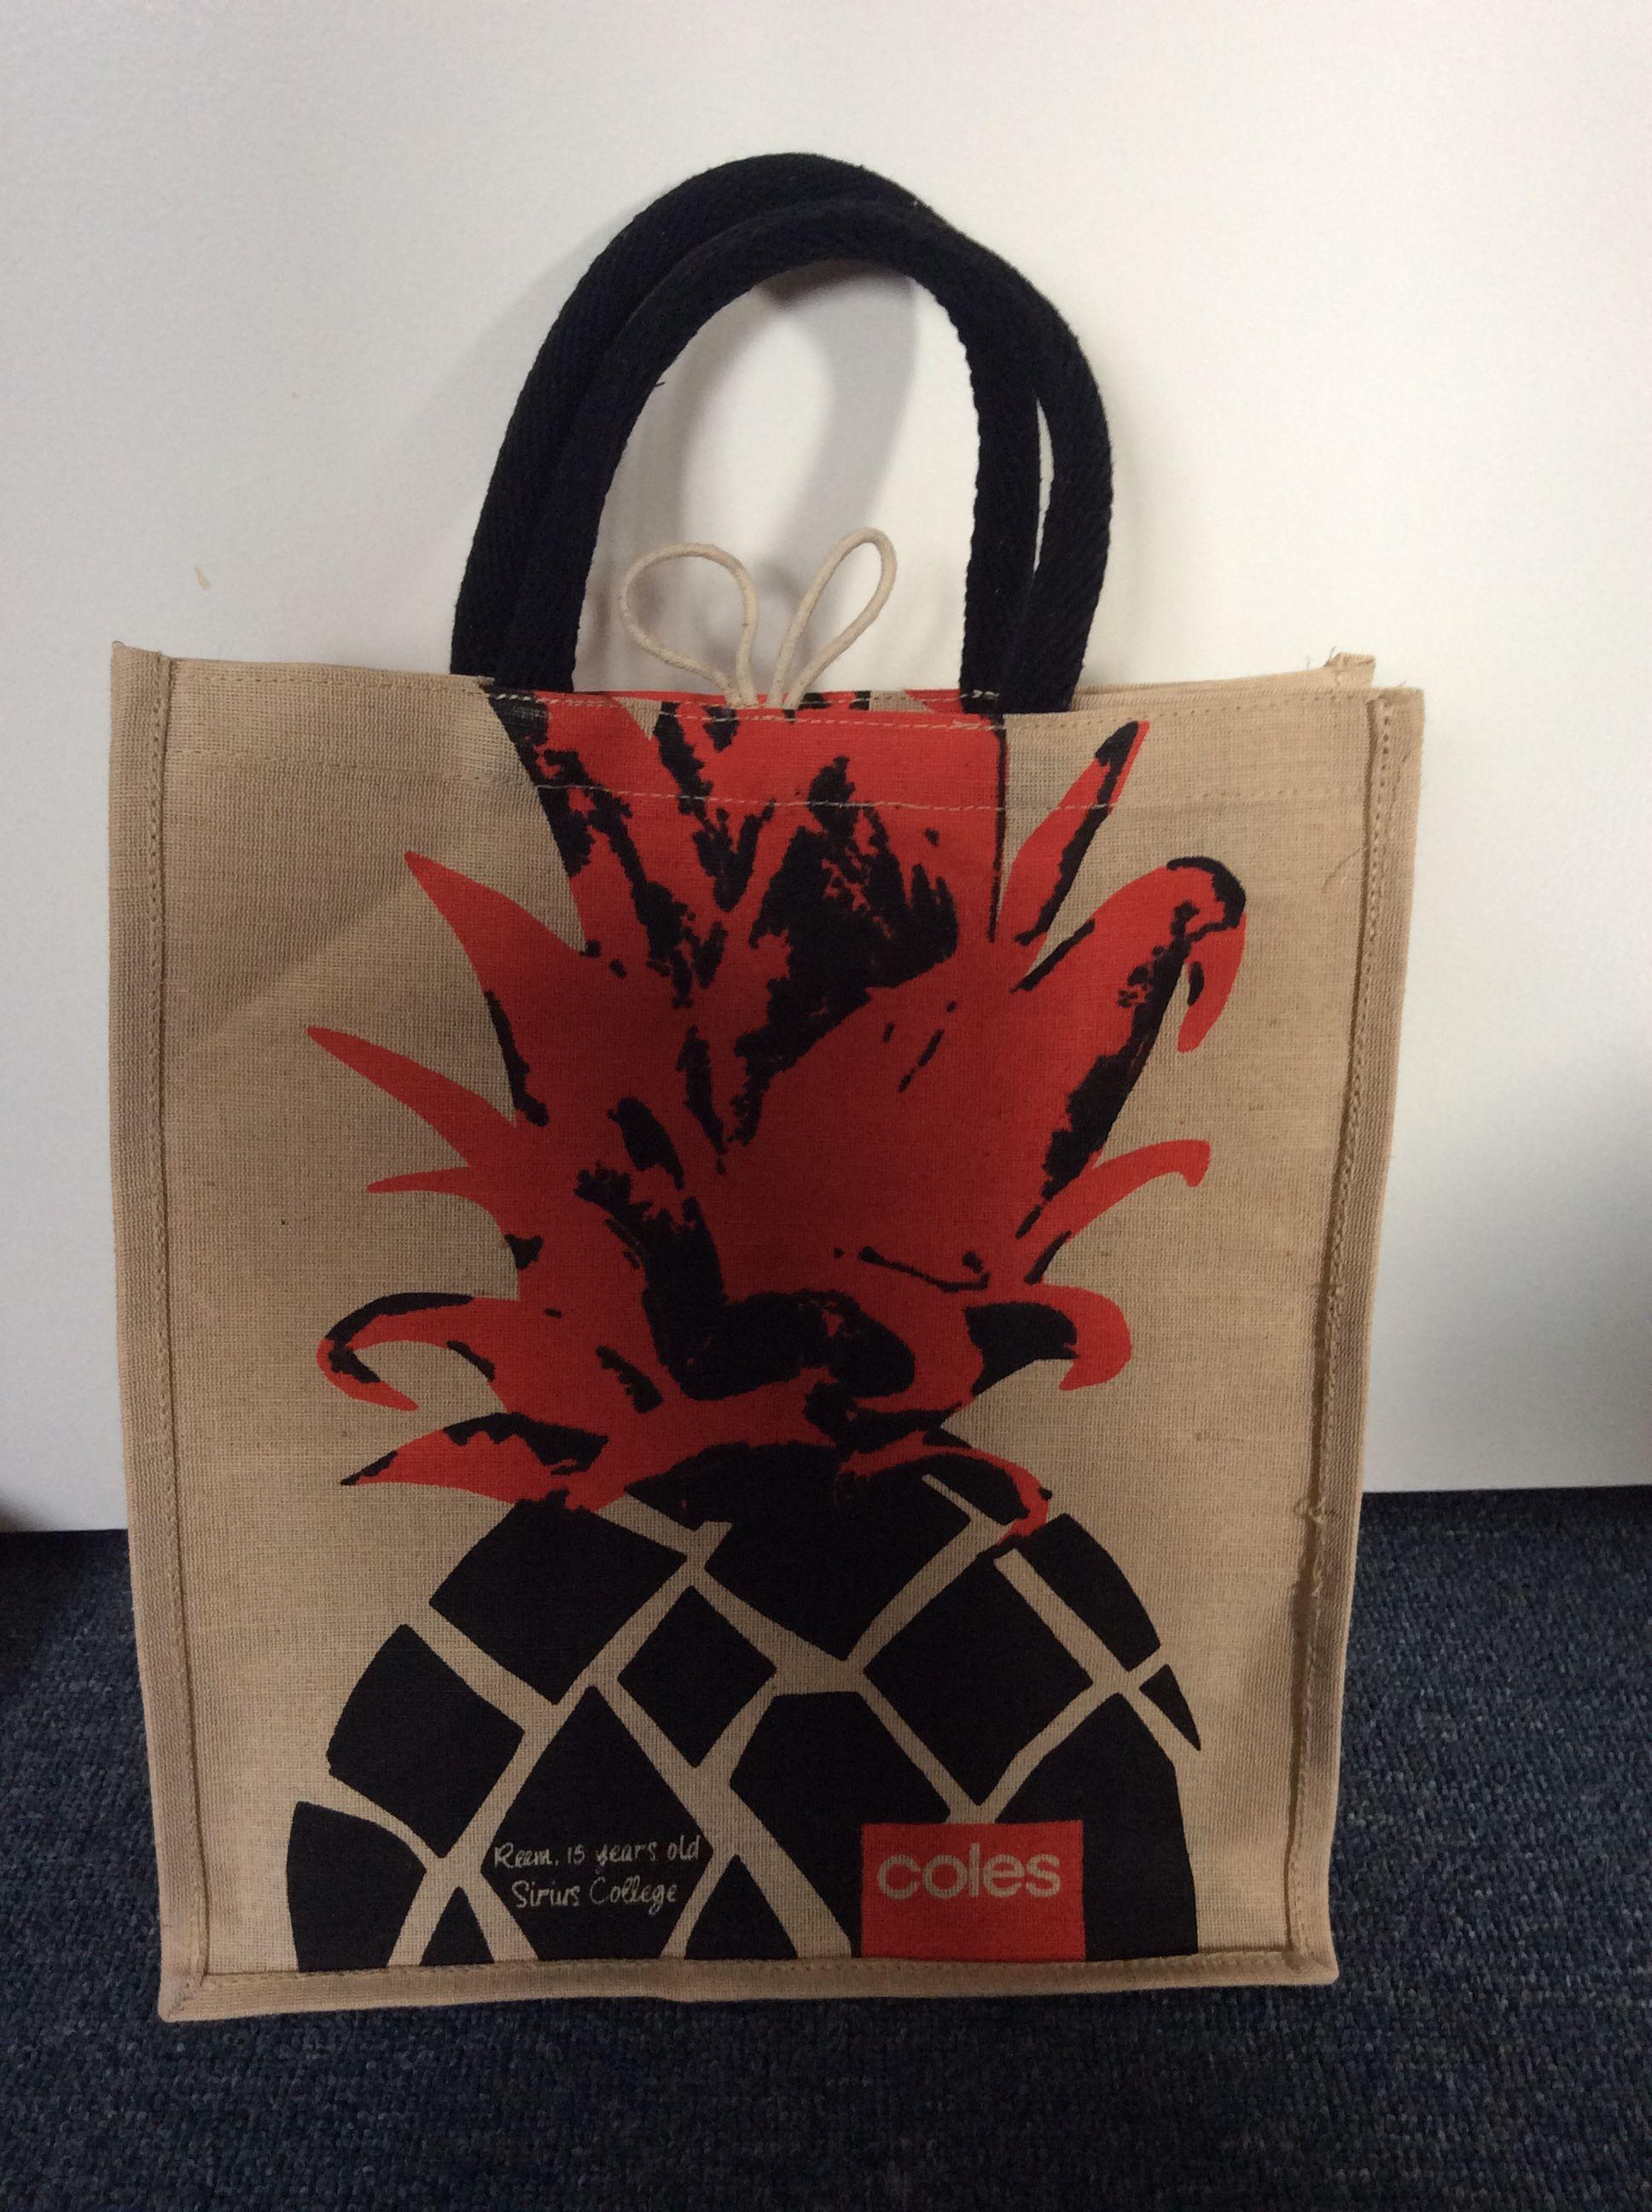 Coles Pineapple Jute Bag Jute Bags Pineapple Bag Bags